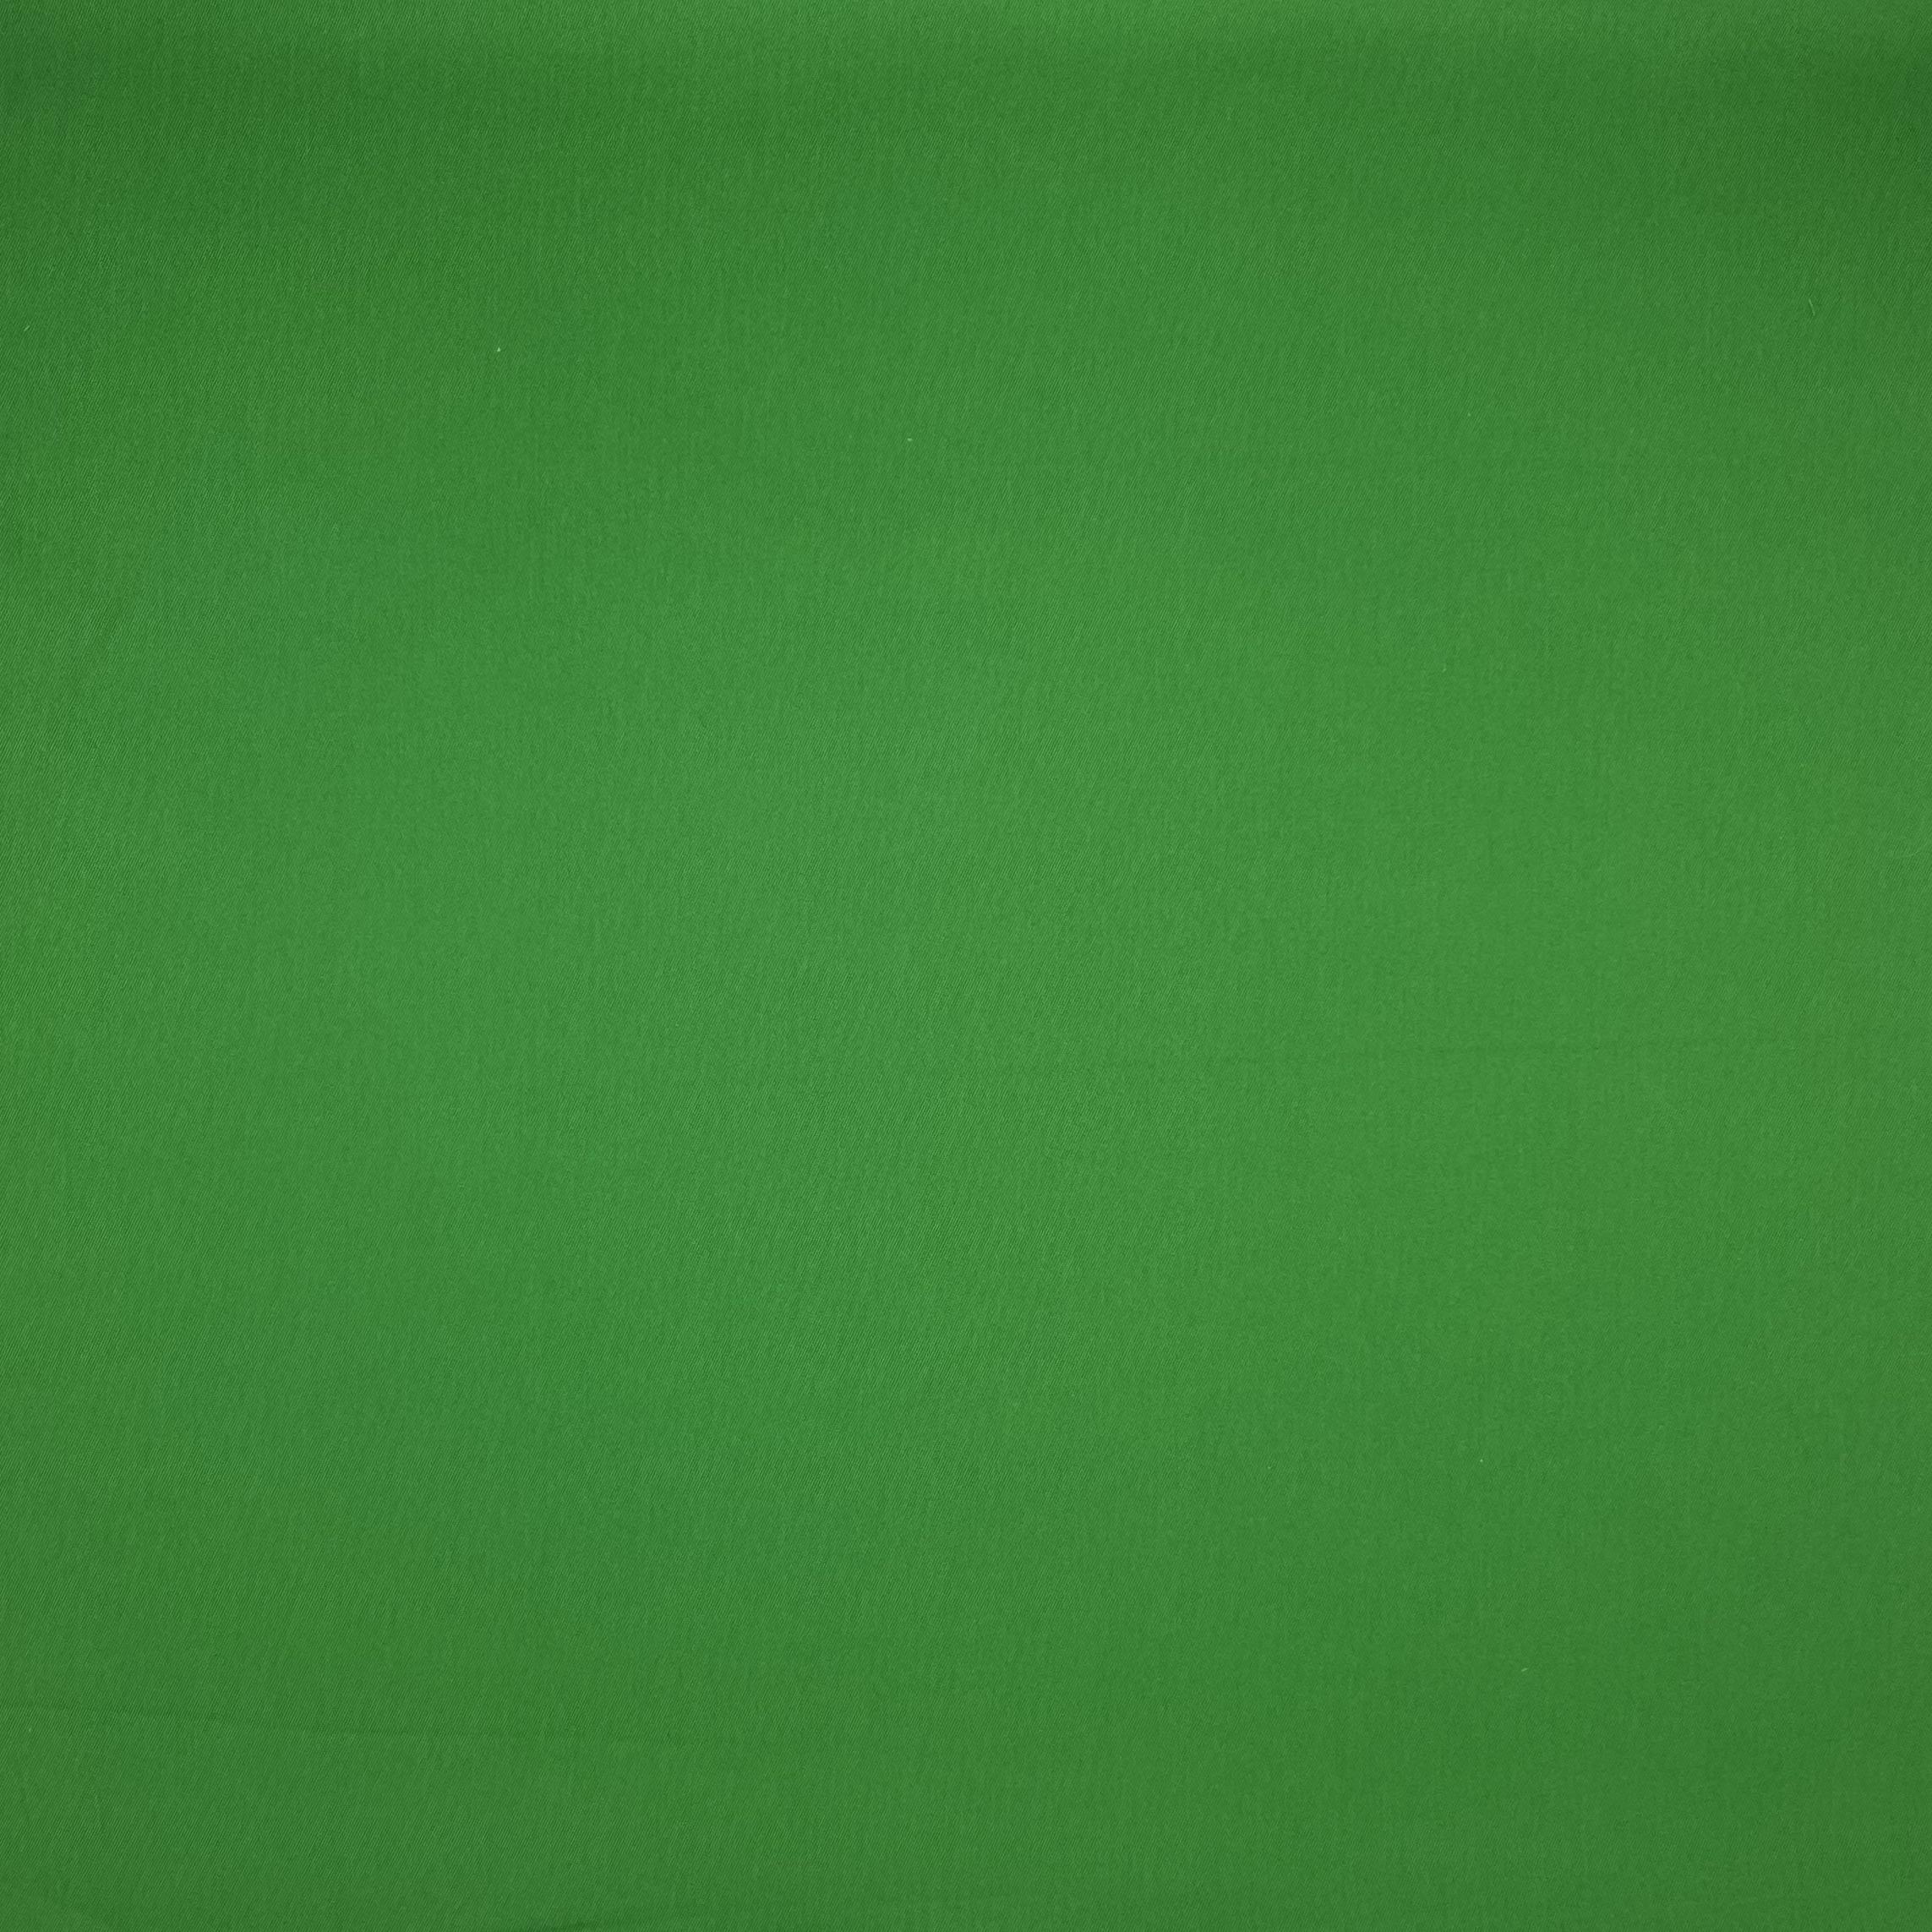 Cotton-Shakespear-Emerald-302